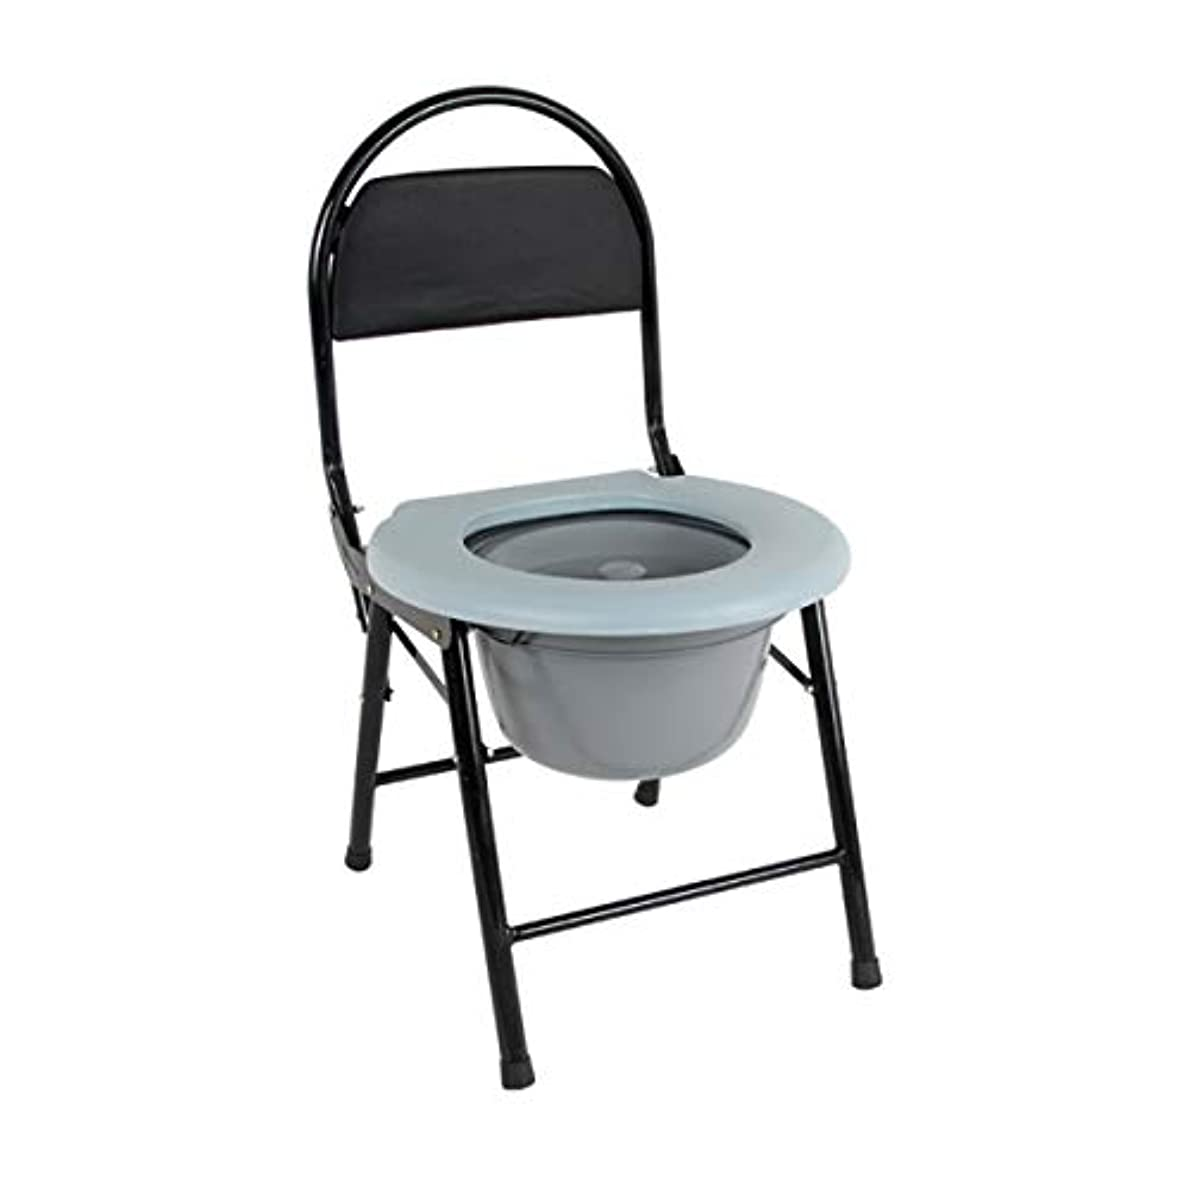 うなる共感する法廷ポータブル 便器 トイレ 折りたたみ 防災 簡易 便座 チェア タイプ 軽量 多機能 折畳可背もたれ 椅子 高齢者 介護用 浴室滑り止めシャワ多機能 コンパクト障害者用